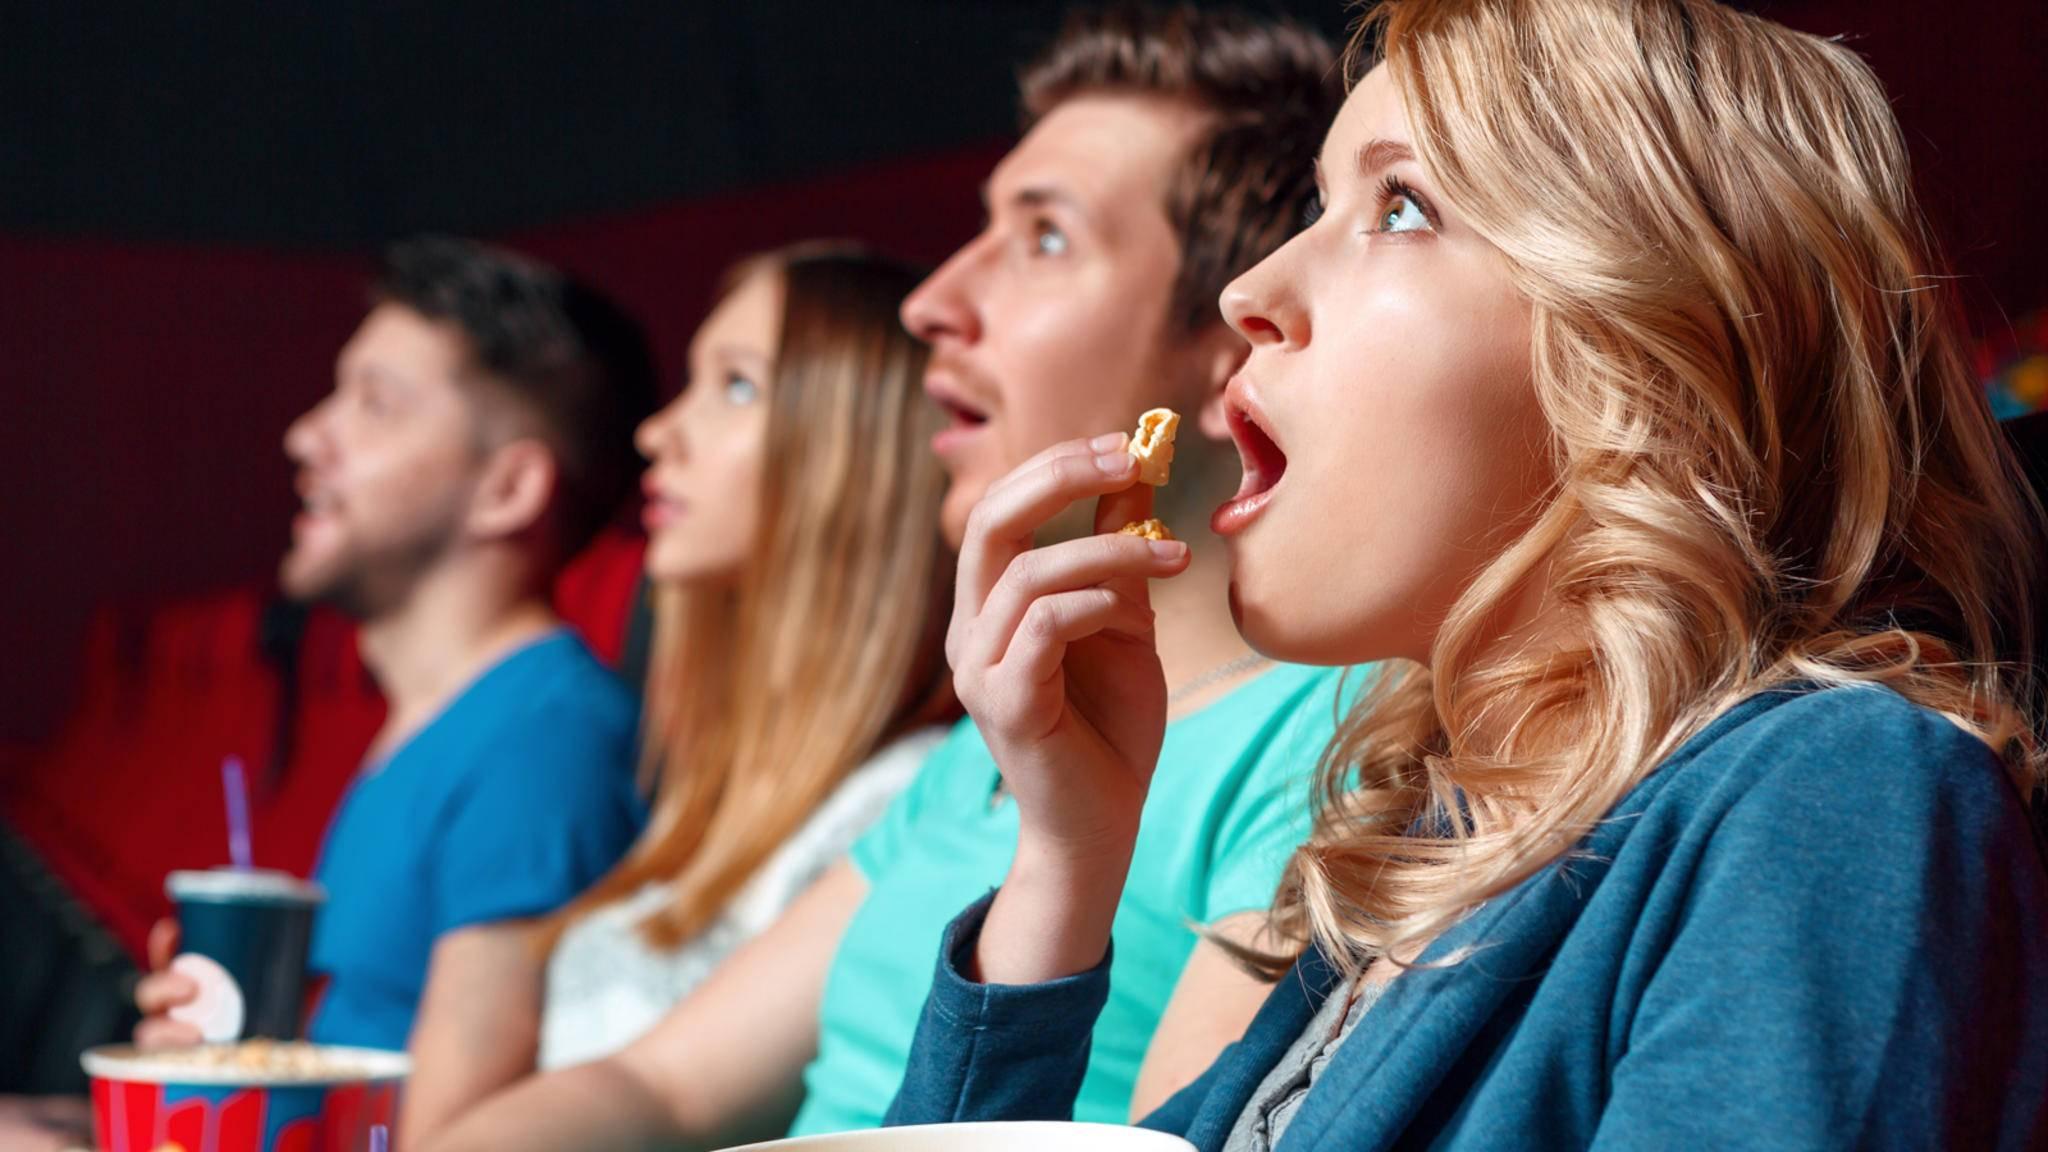 Mit dem ersten Dolby Cinema könnte das Kinoerlebnis eine komplett neue Ausrichtung bekommen.